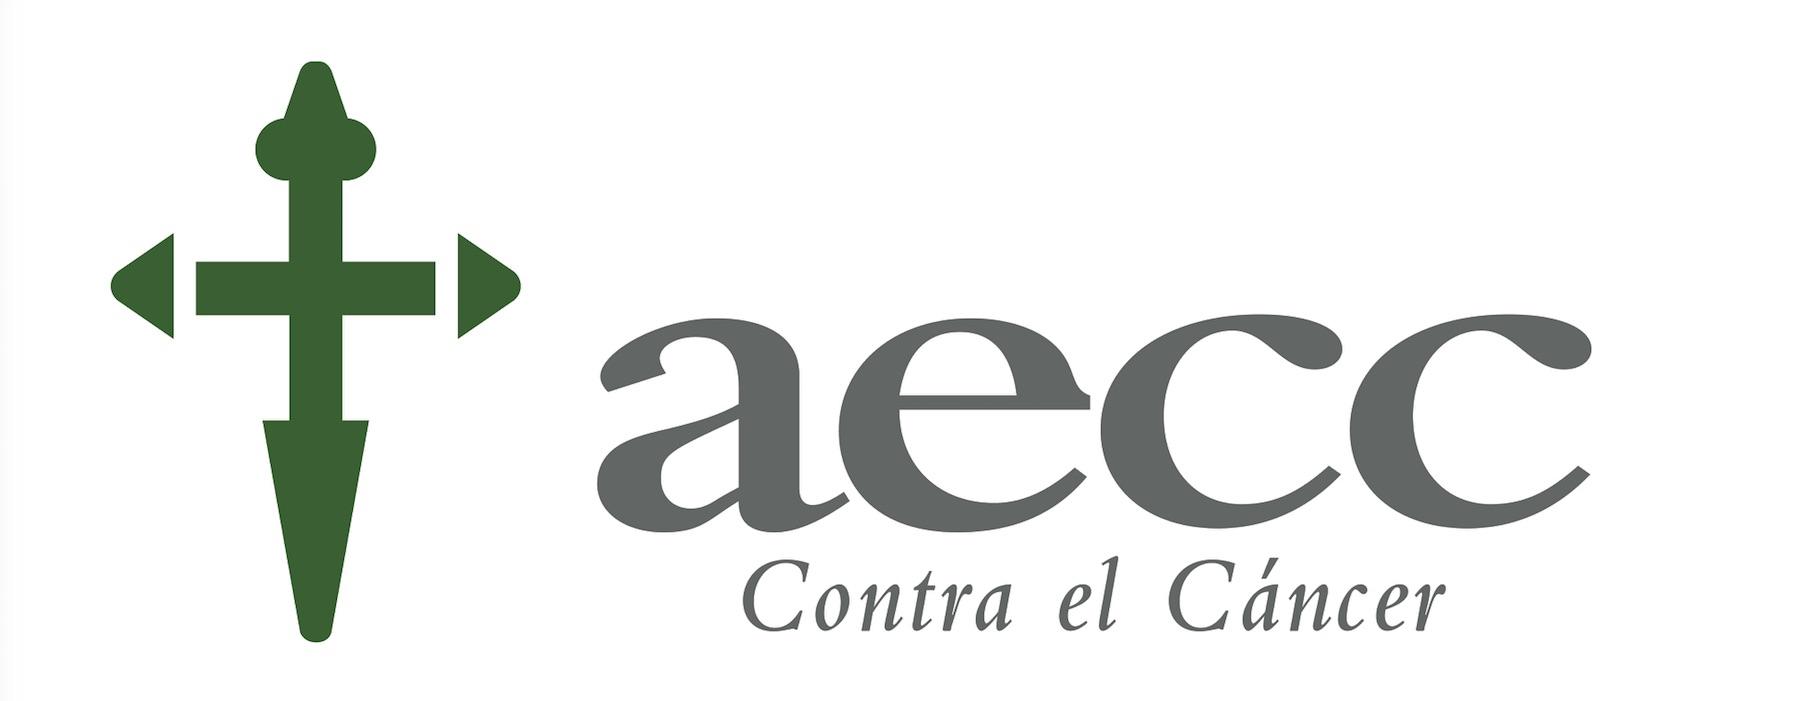 AECCLoro